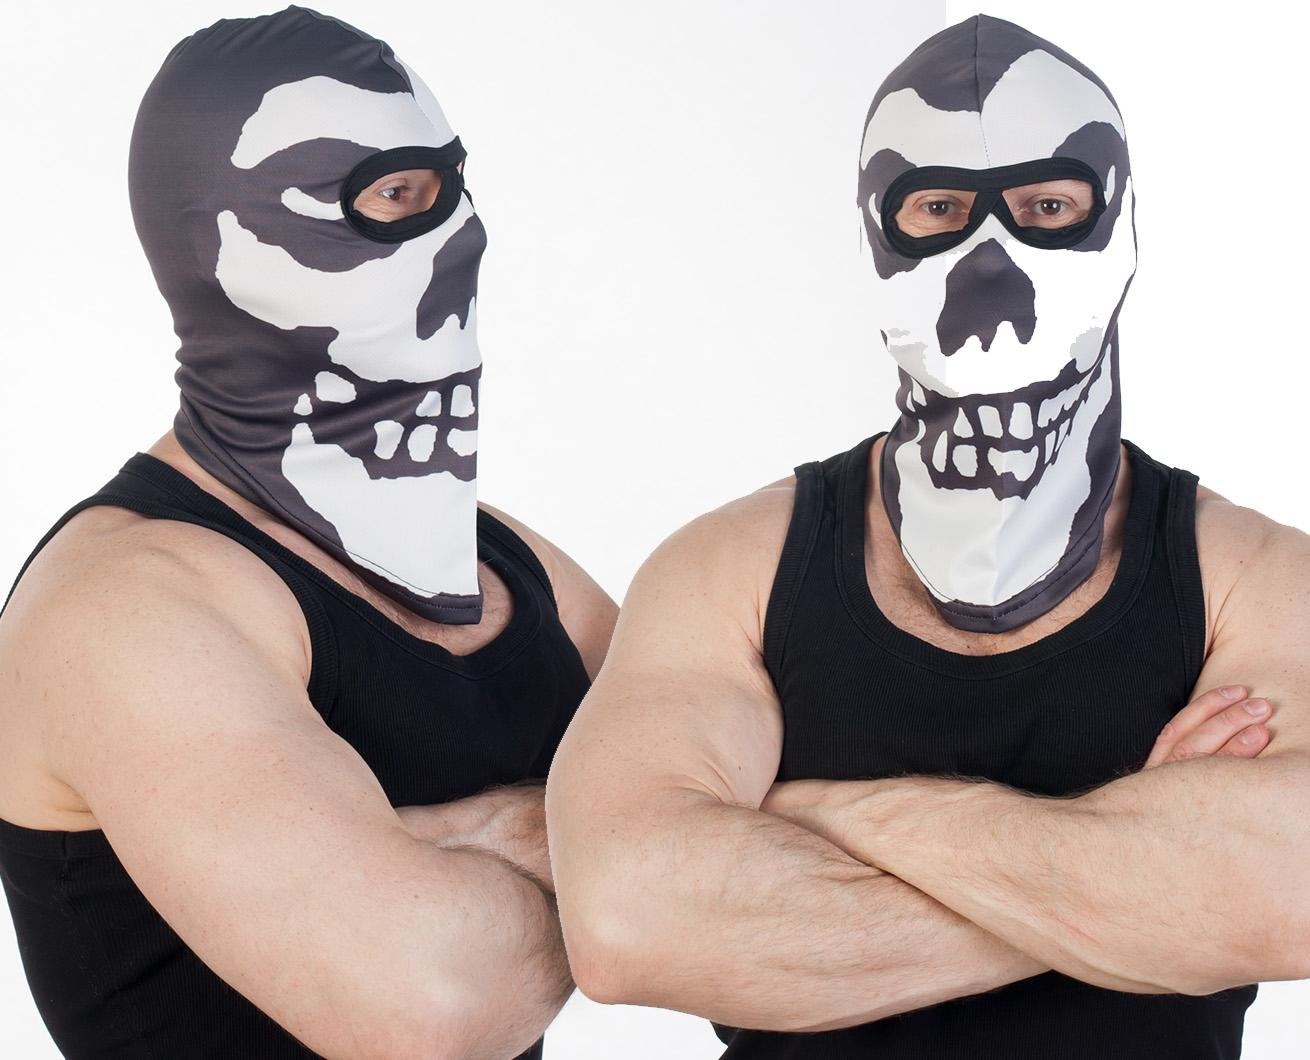 Байкерская маска по выгодной цене